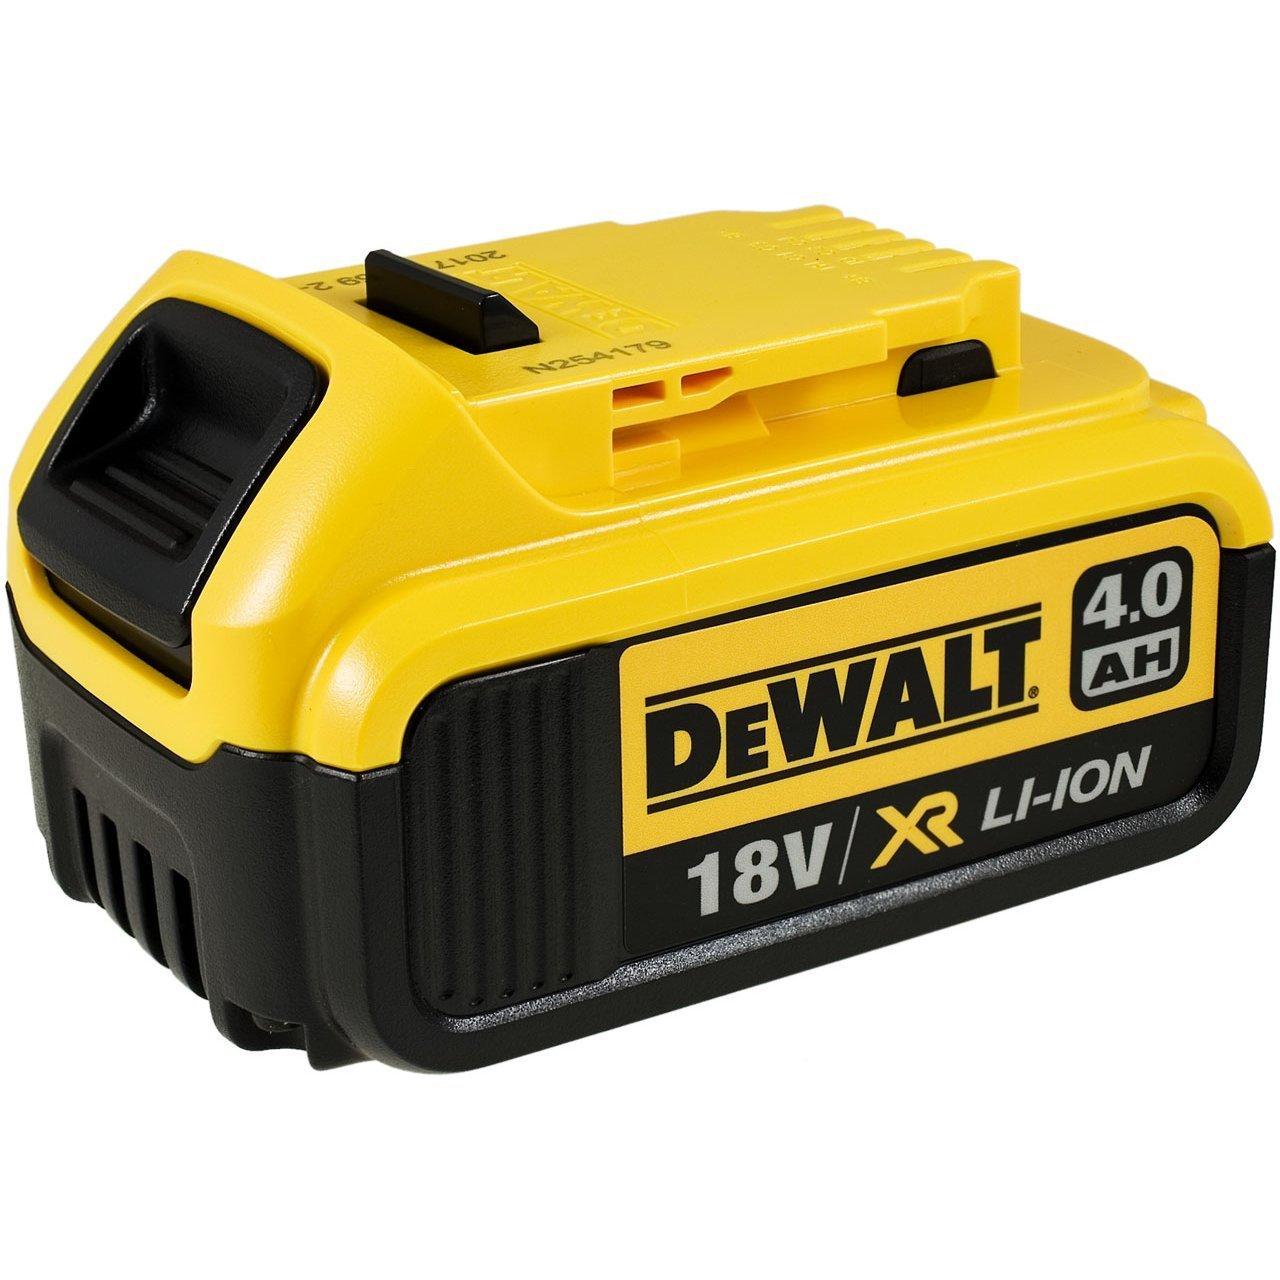 il miglior servizio post-vendita DeWalt DeWalt DeWalt Batteria per Trapano Combi SDS Plus DCH 214 M2 4,0Ah Originale  il più economico